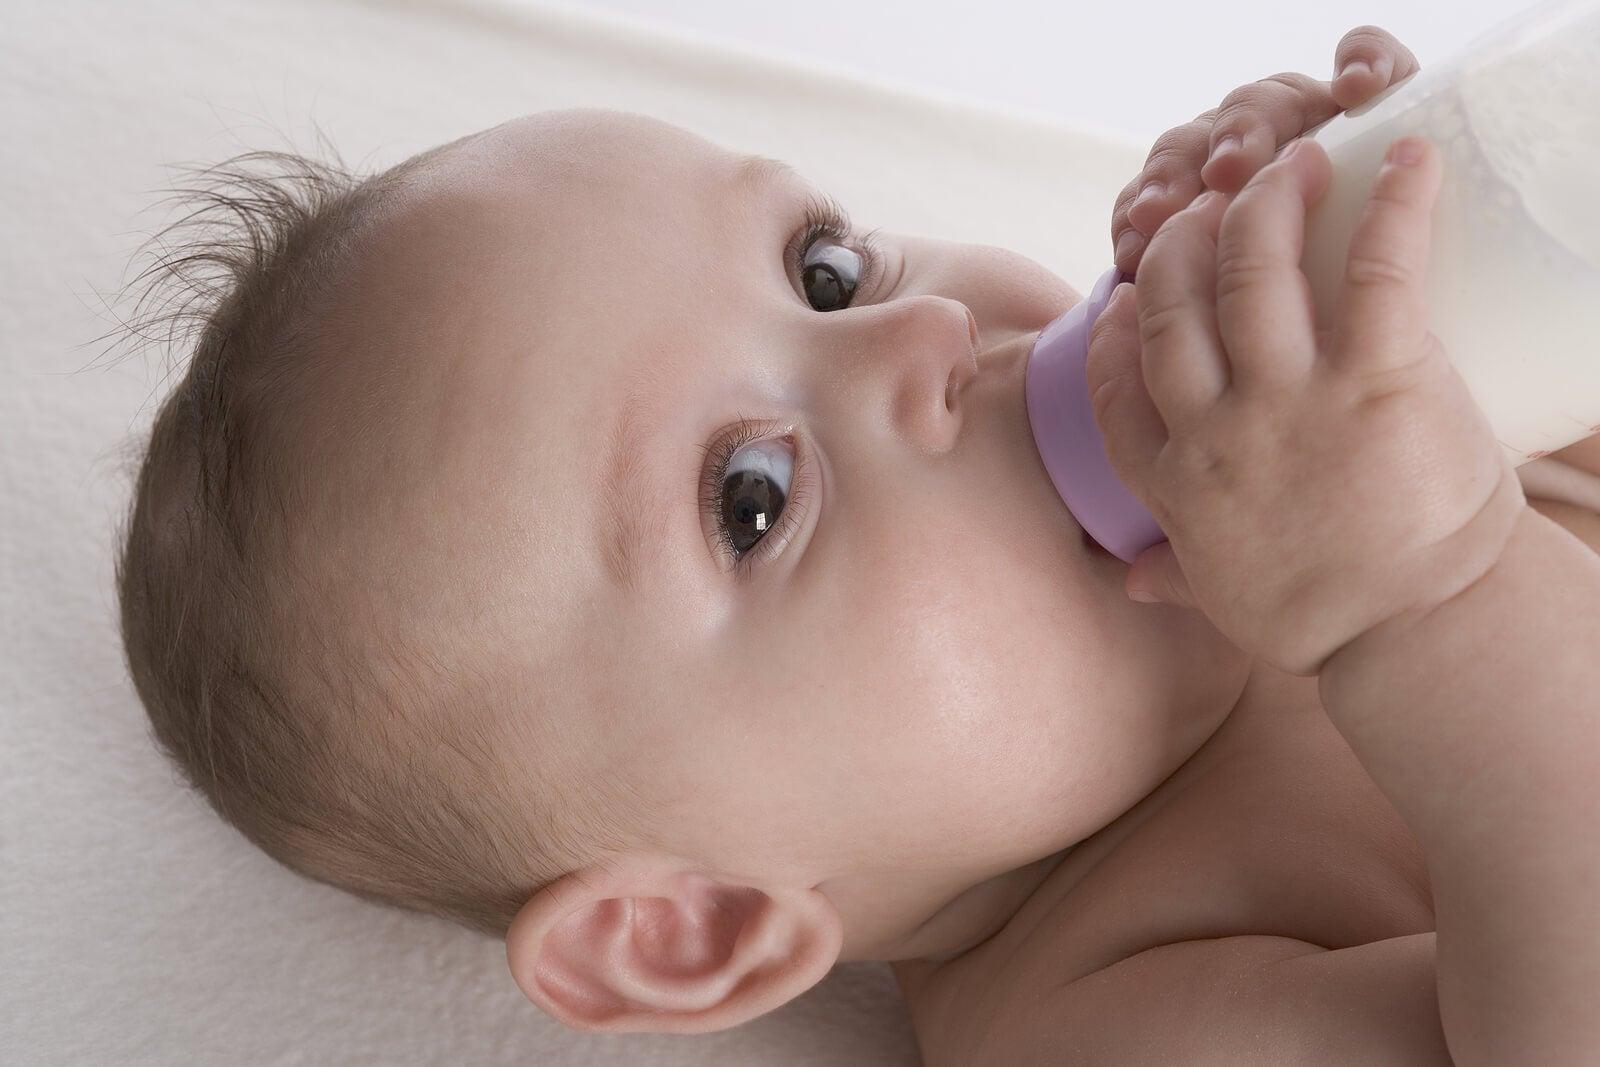 El uso de chupete y biberón: ¿Es perjudicial para los niños?